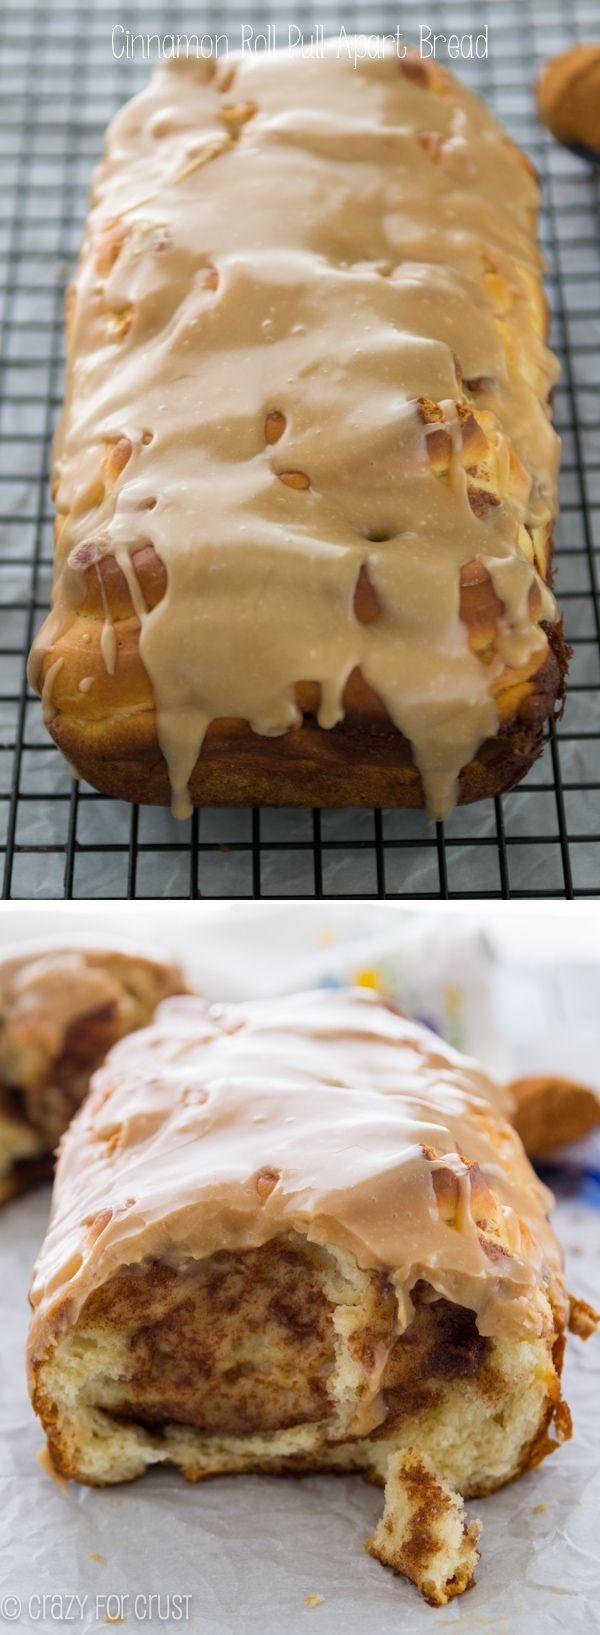 ❤️Cinnamon Roll Pull-Apart Bread - a cinnamon roll in a bread loaf!❤️